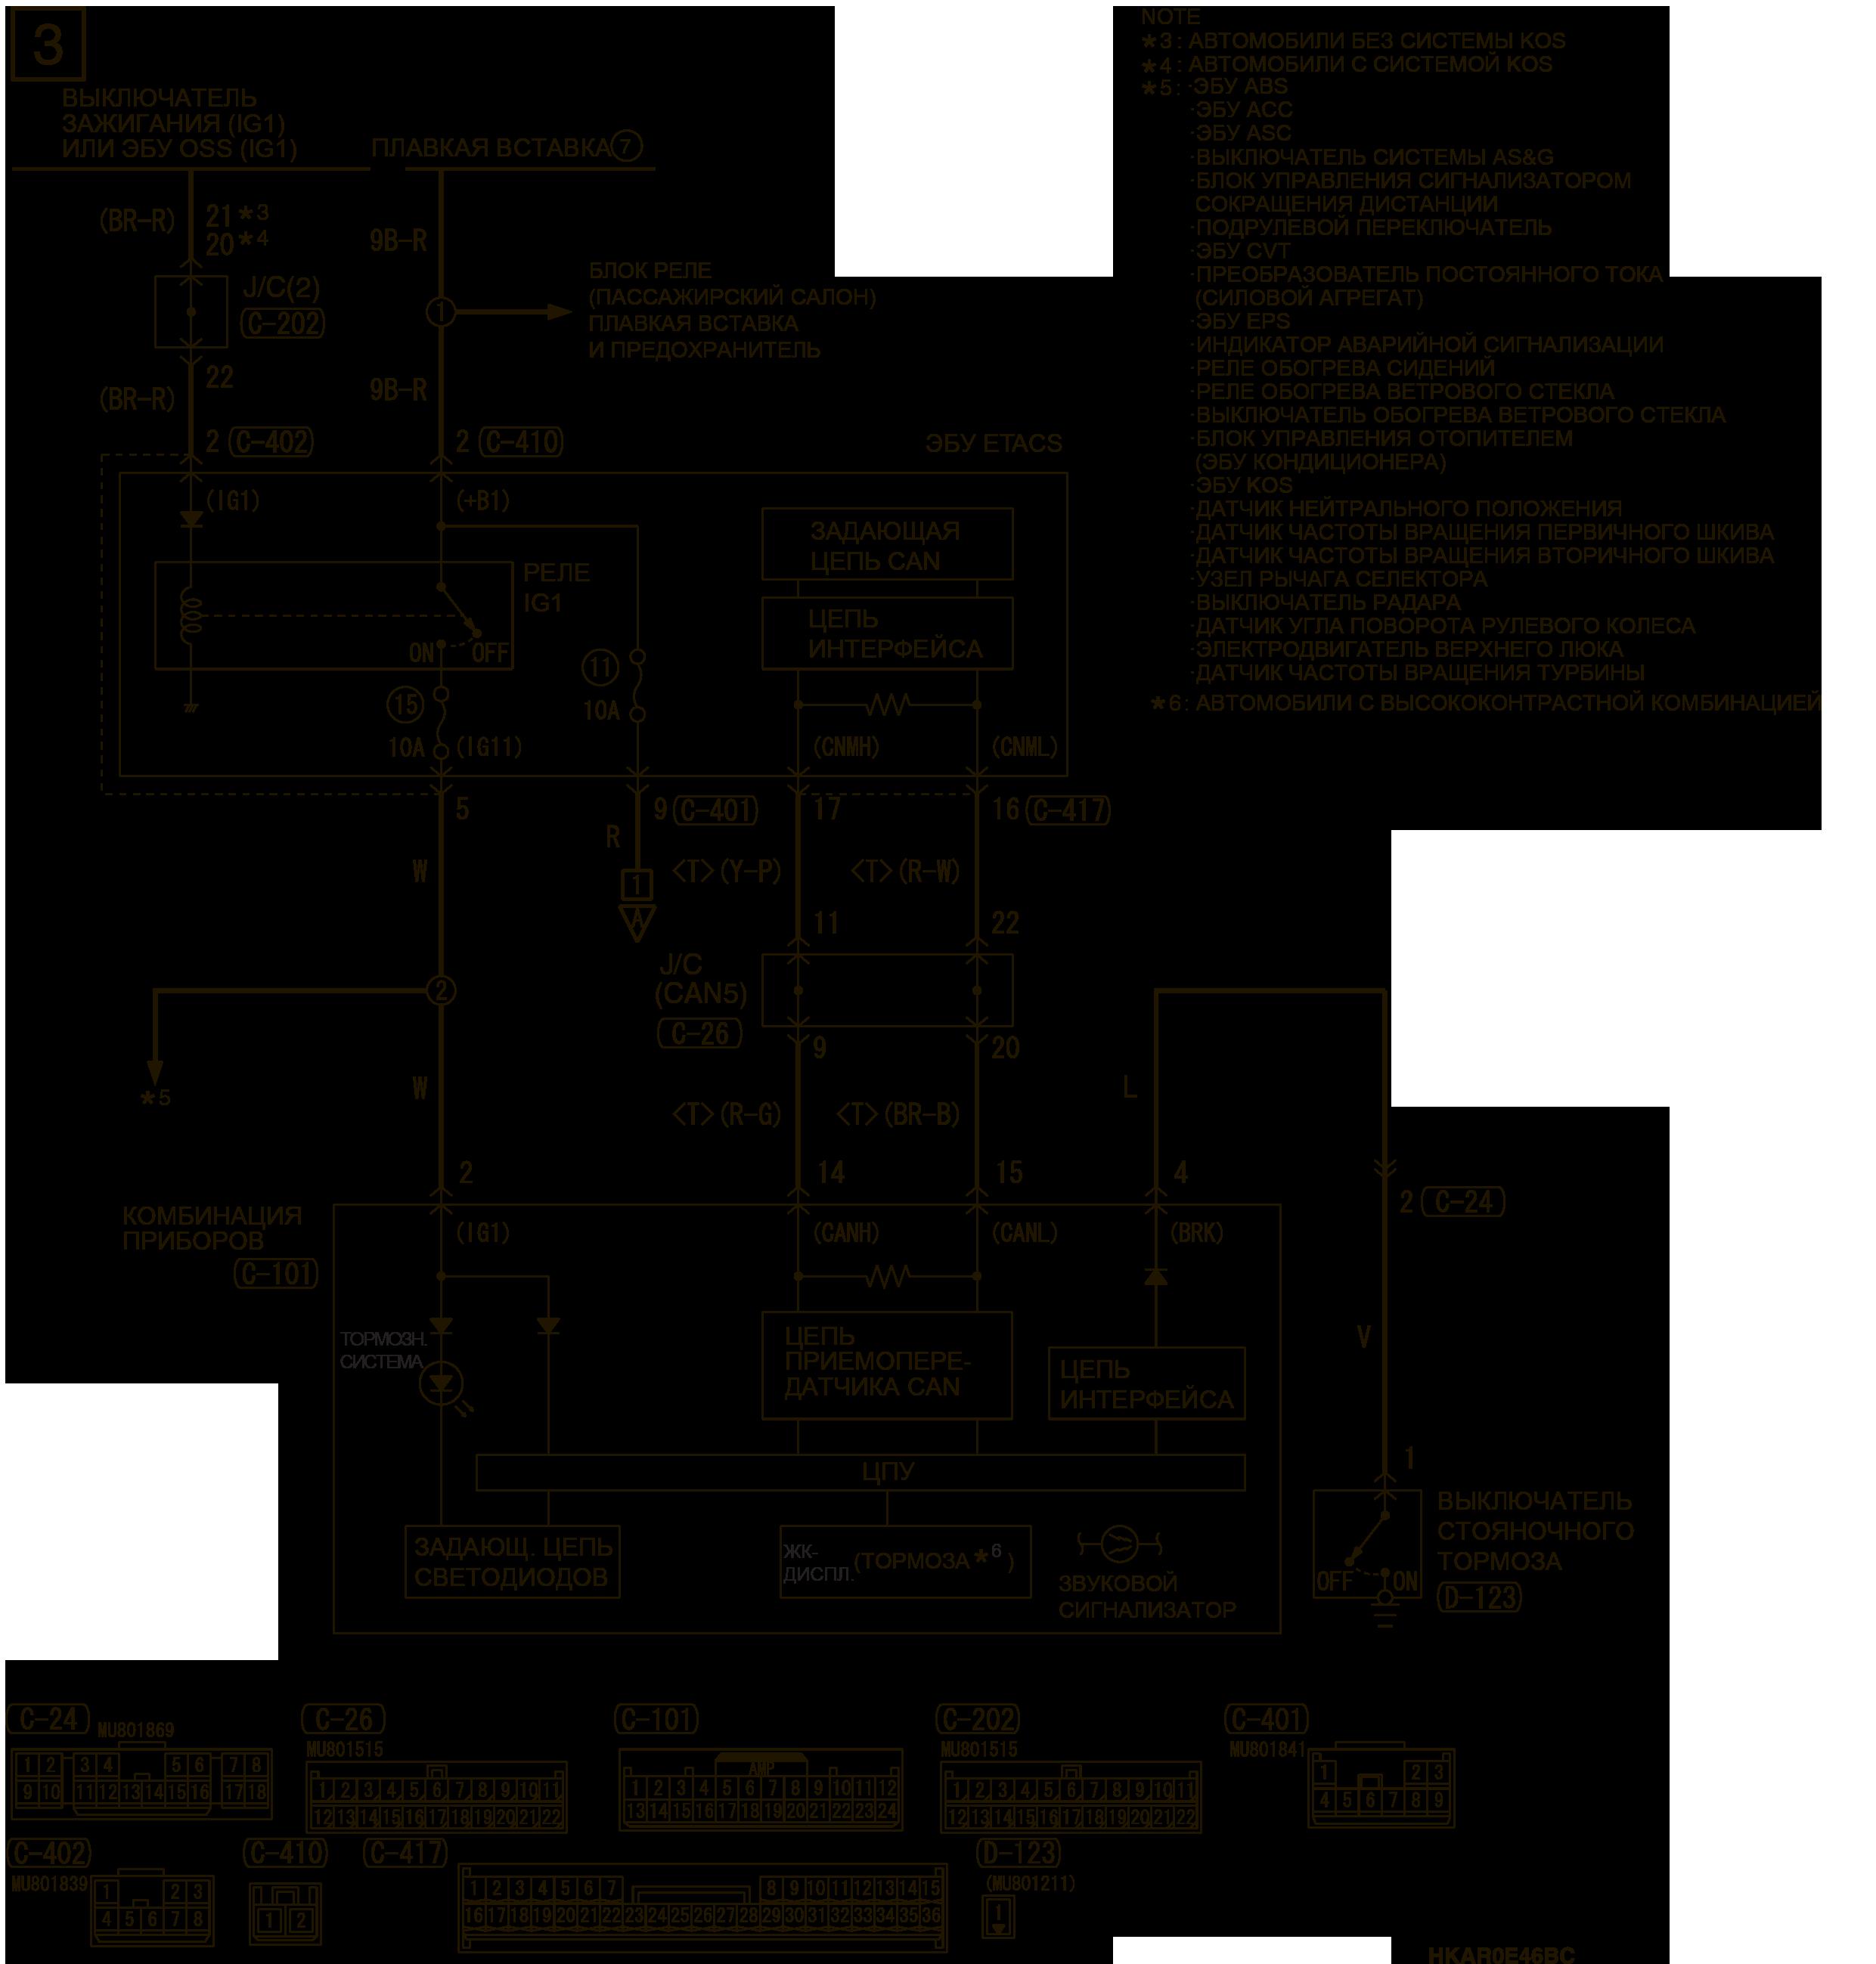 mmc аутлендер 3 2019 электросхемаЗУММЕР СИГНАЛИЗАТОРА СТОЯНОЧНОГО ТОРМОЗА АВТОМОБИЛИ СО СТОЯНОЧНЫМ ТОРМОЗОМ С ПРИВОДОМ ОТ РЫЧАГА